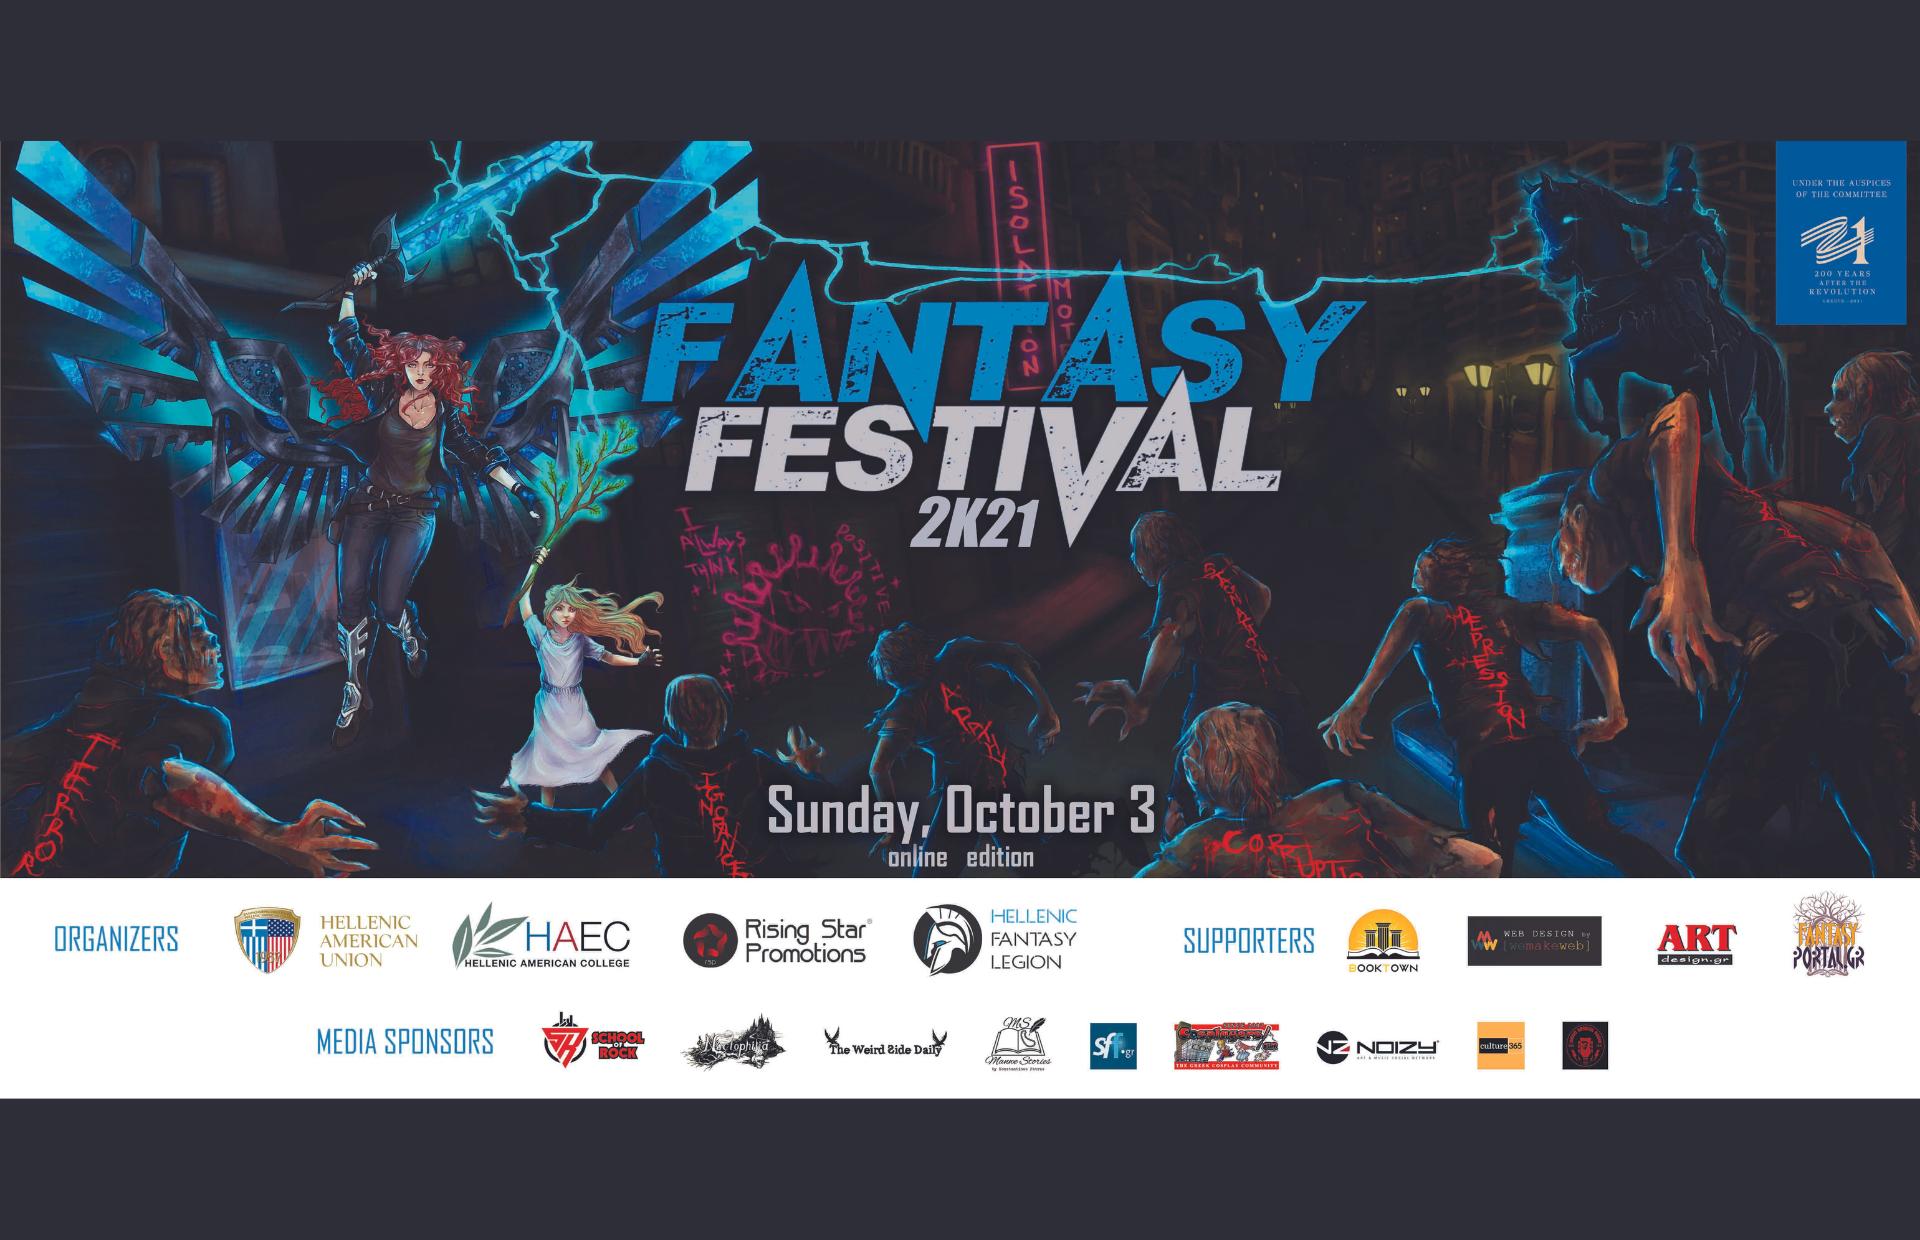 Το FANTASY FESTIVAL 2Κ21 επιστρέφει για 2η συνεχή χρονιά!